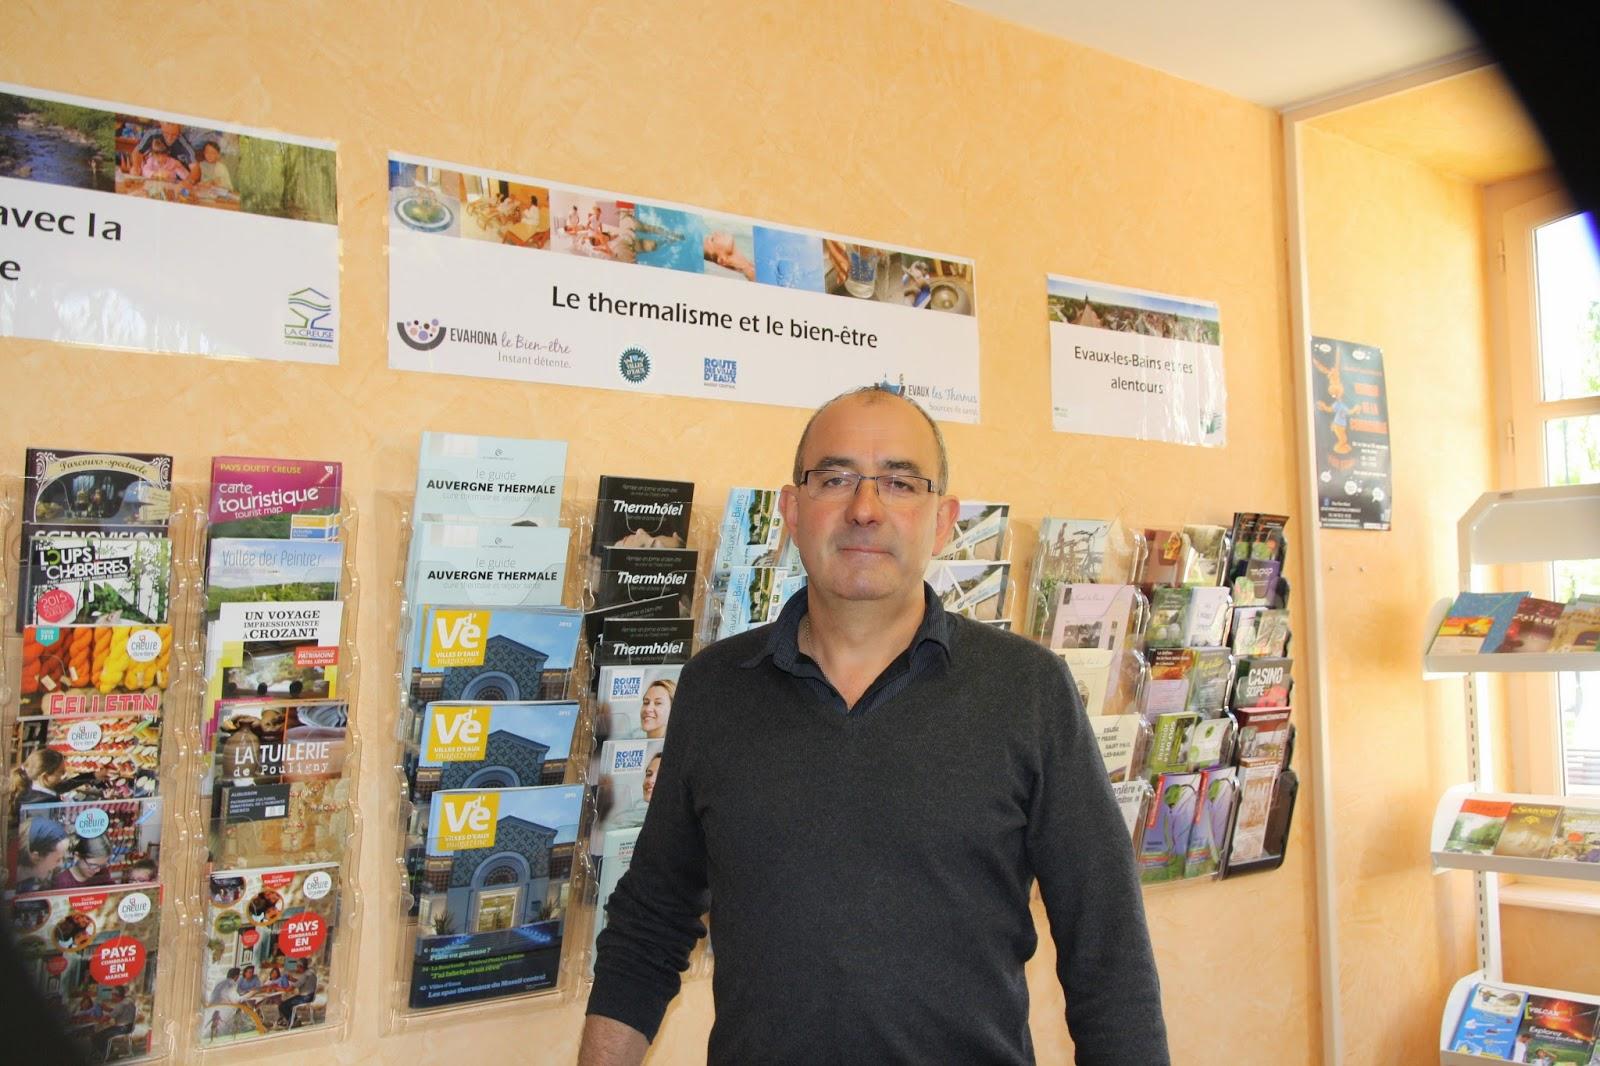 Info creuse allier nouveau pr sident l 39 office de tourisme evaux les bainsmonsieur gilles - Office de tourisme allier ...